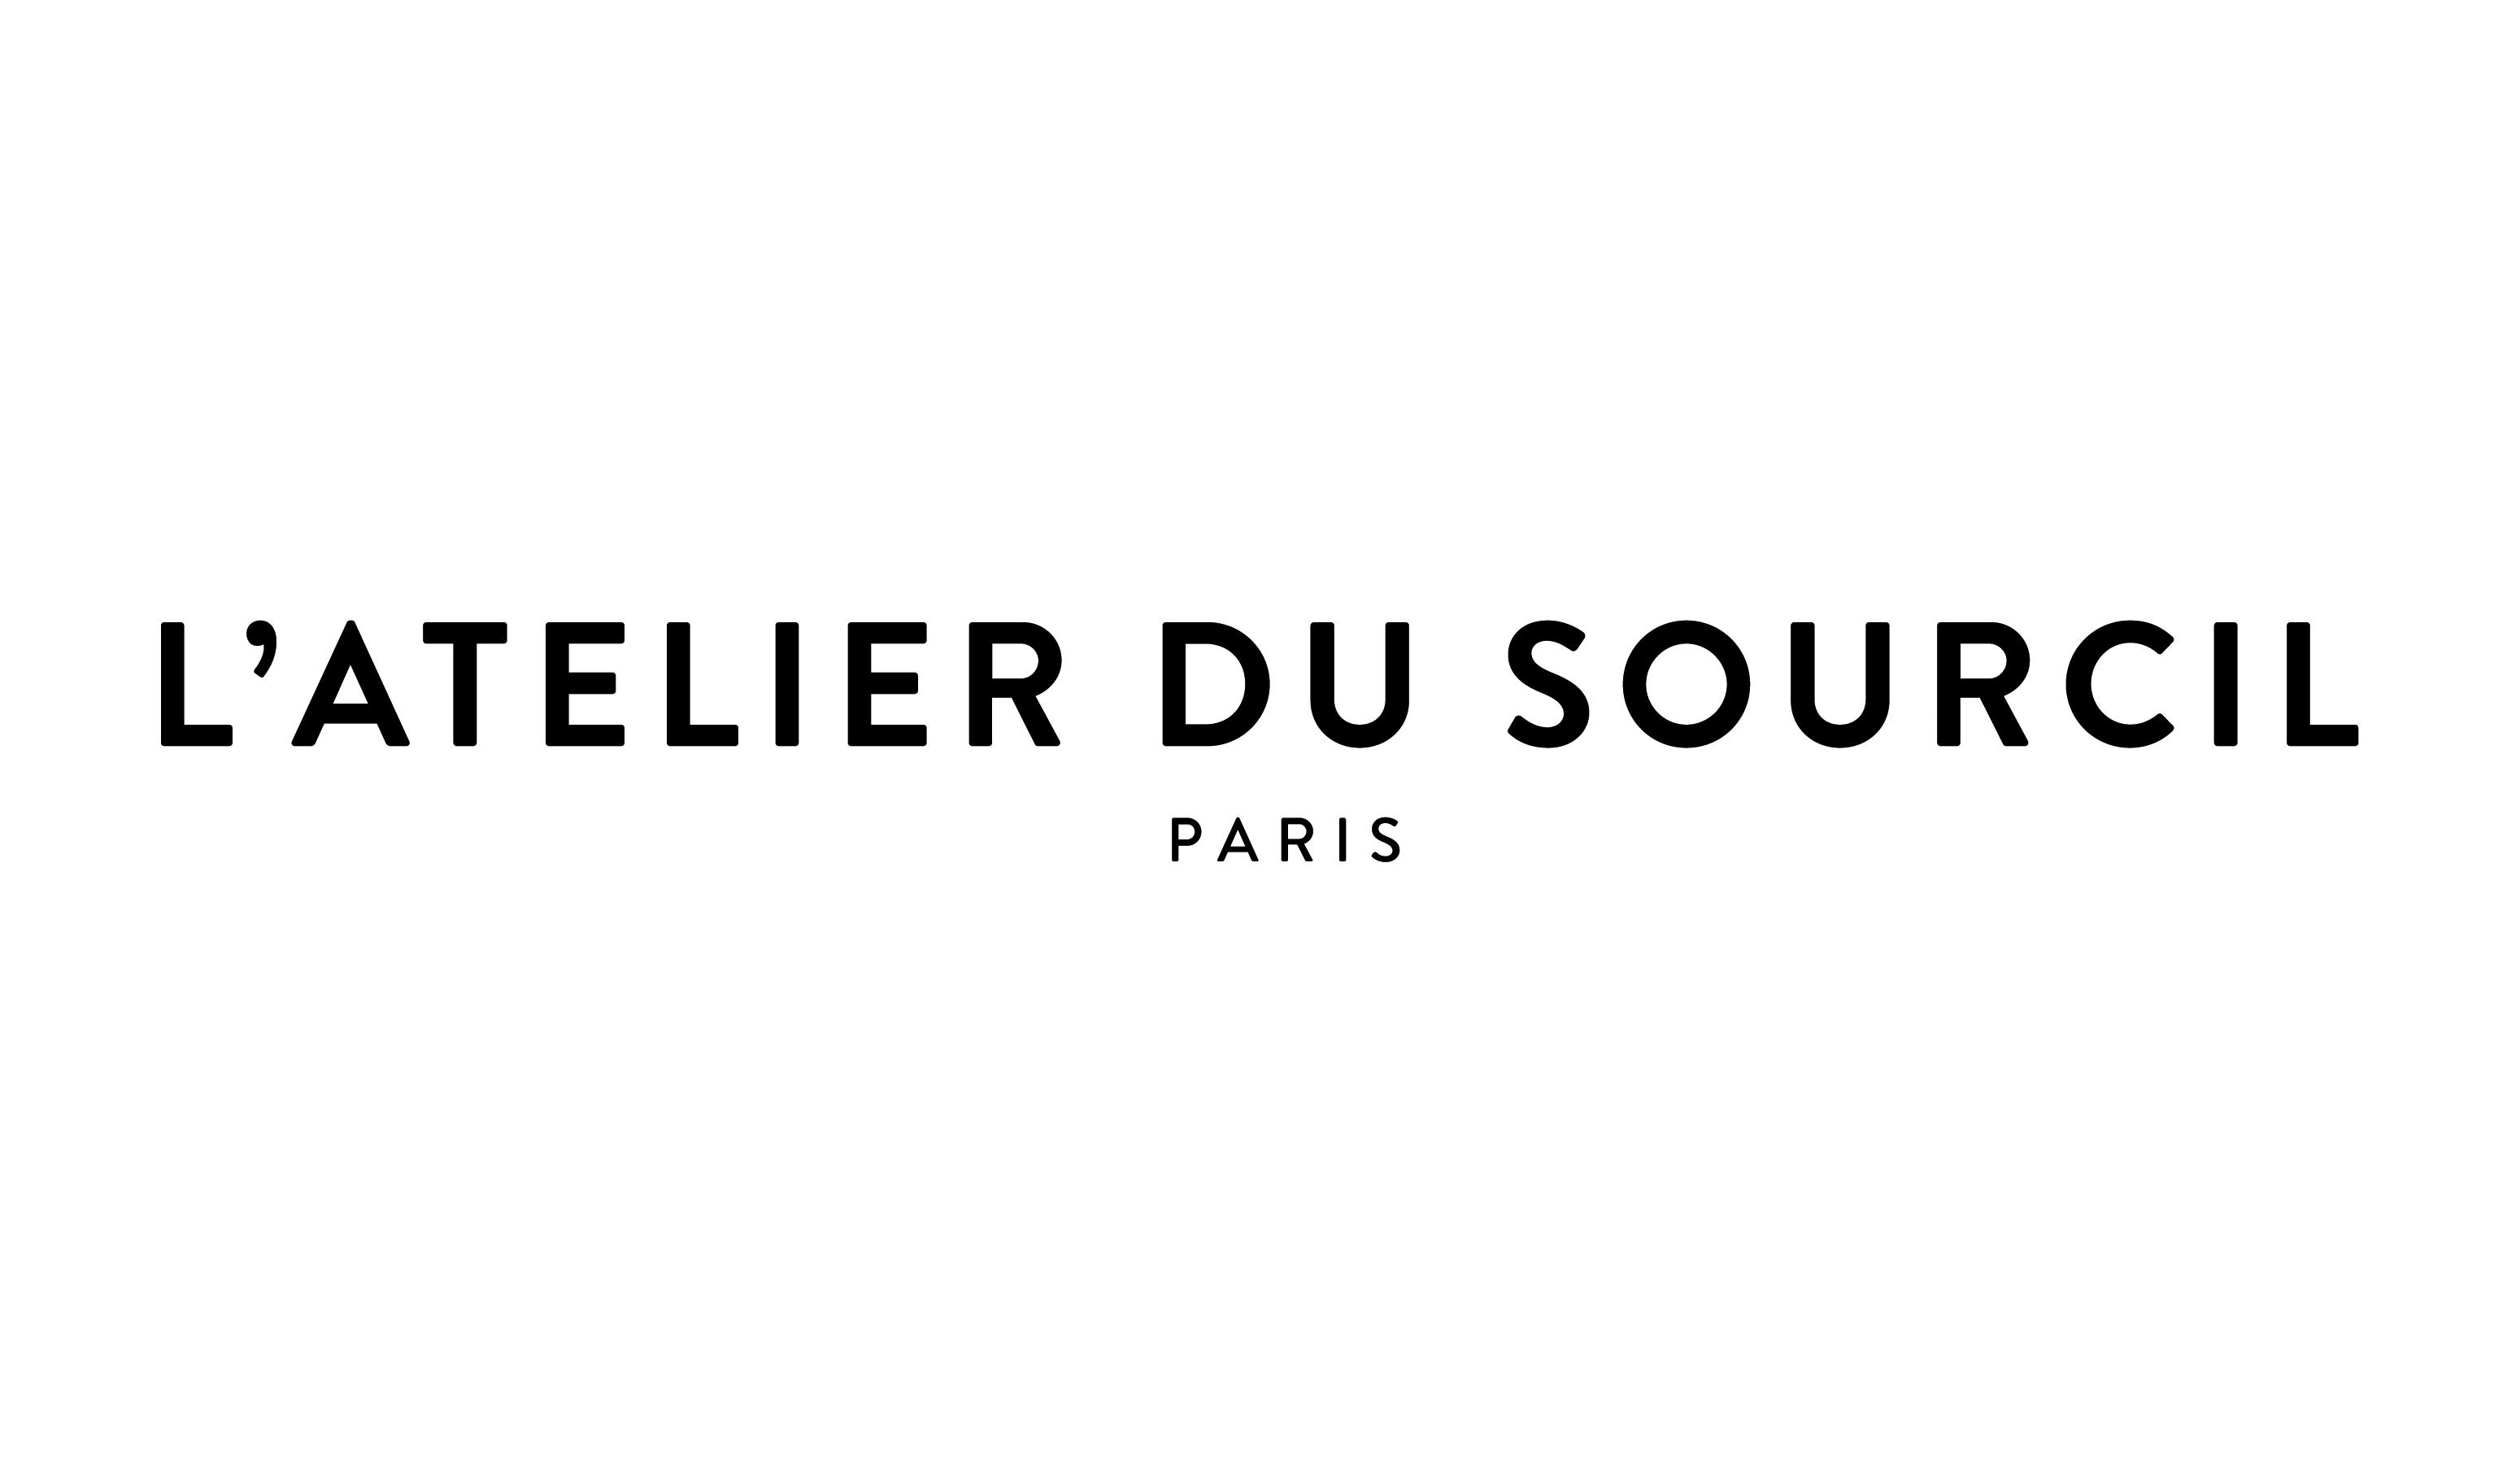 L'Atelier du Sourcil - Biarritz